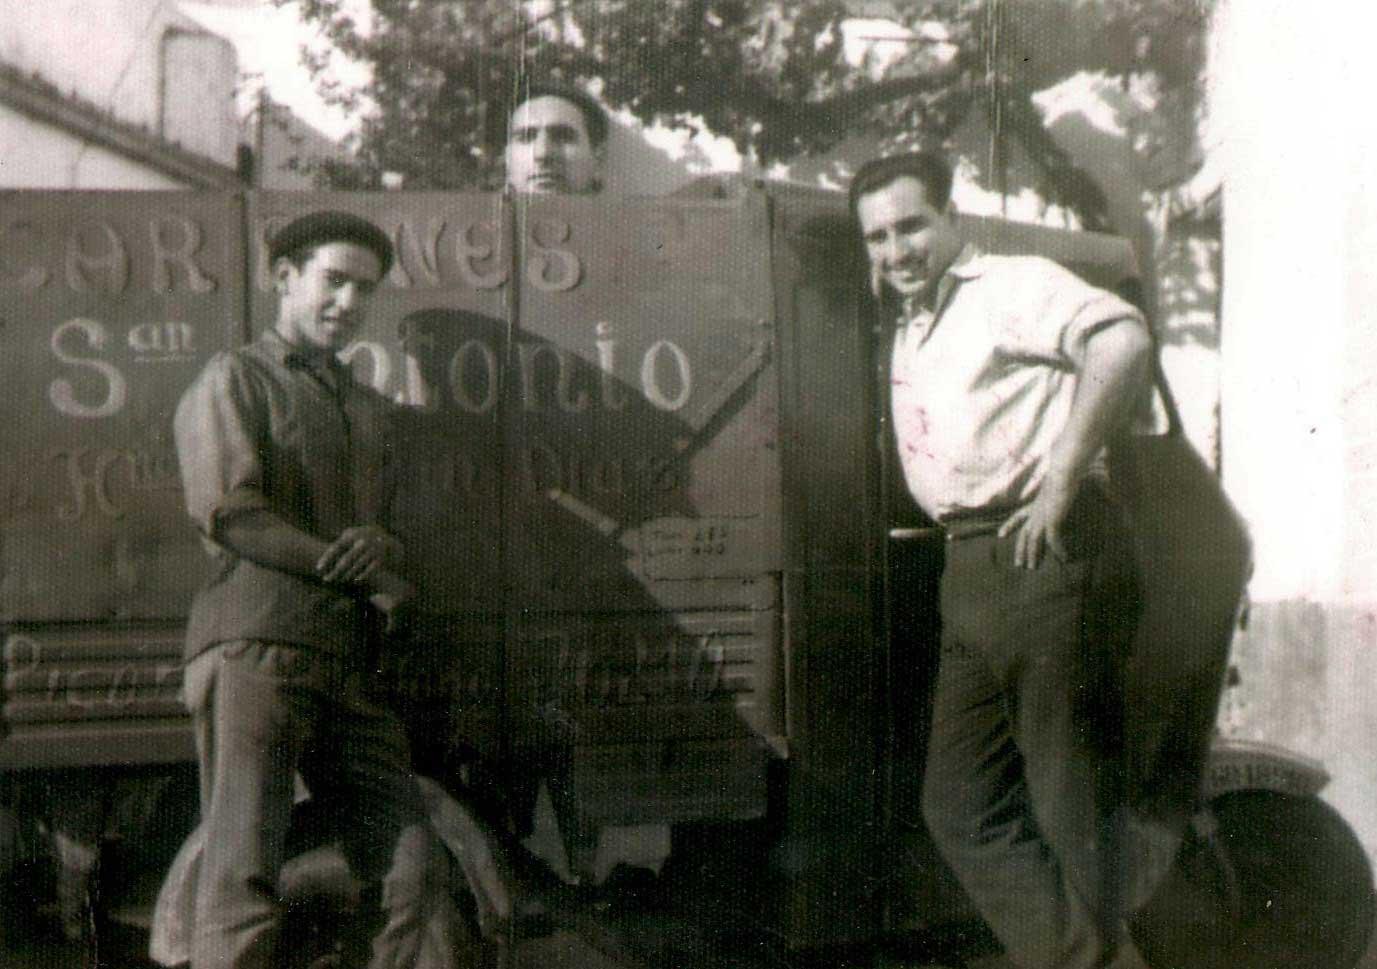 tio-antonio-joven-carbosur-granada